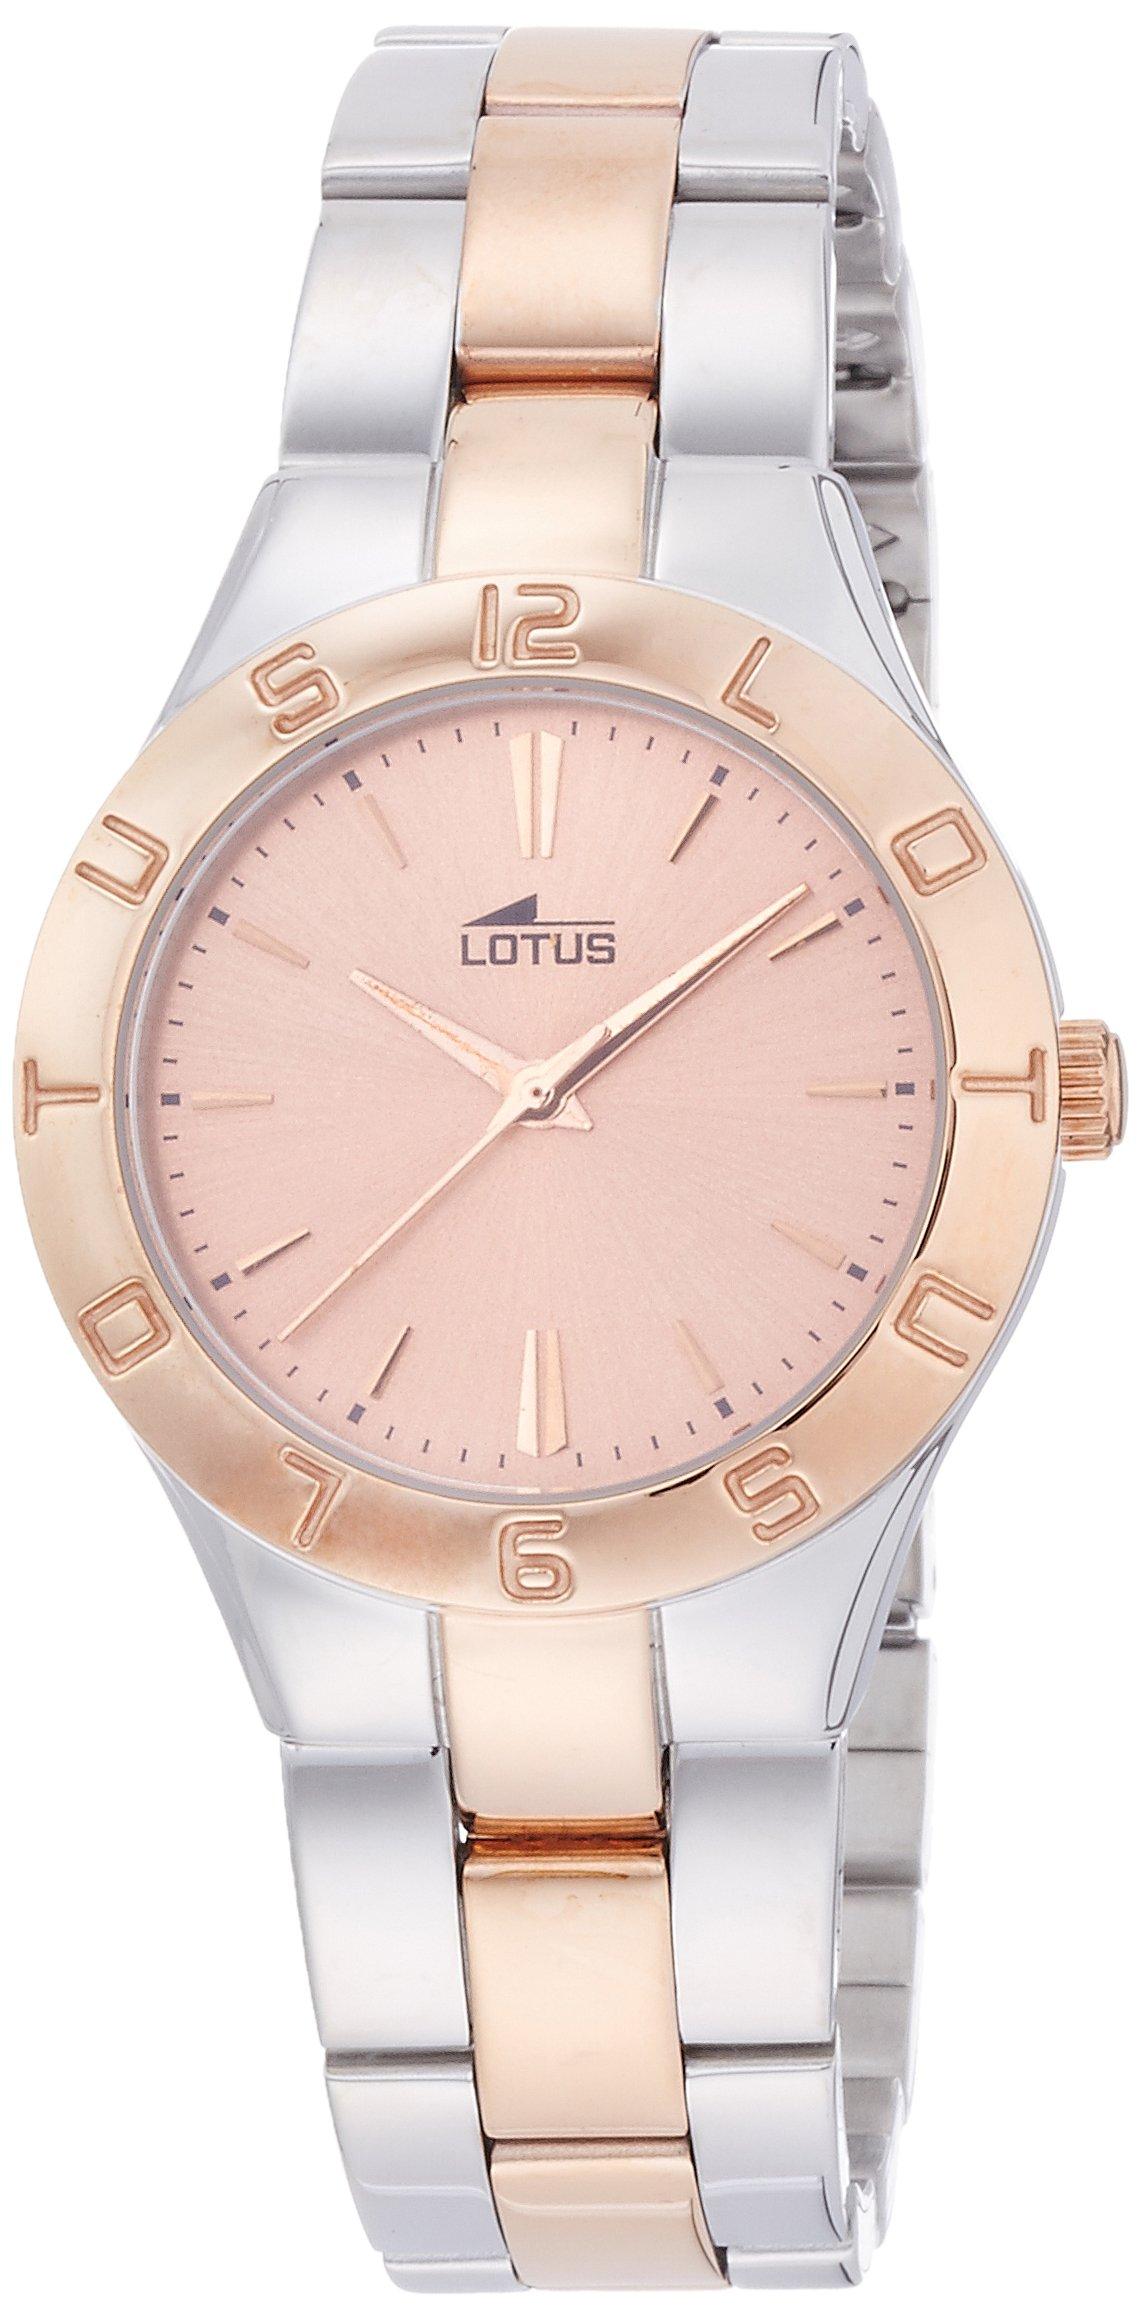 Lotus 0 - Reloj de cuarzo para mujer, con correa de acero inoxidable, color